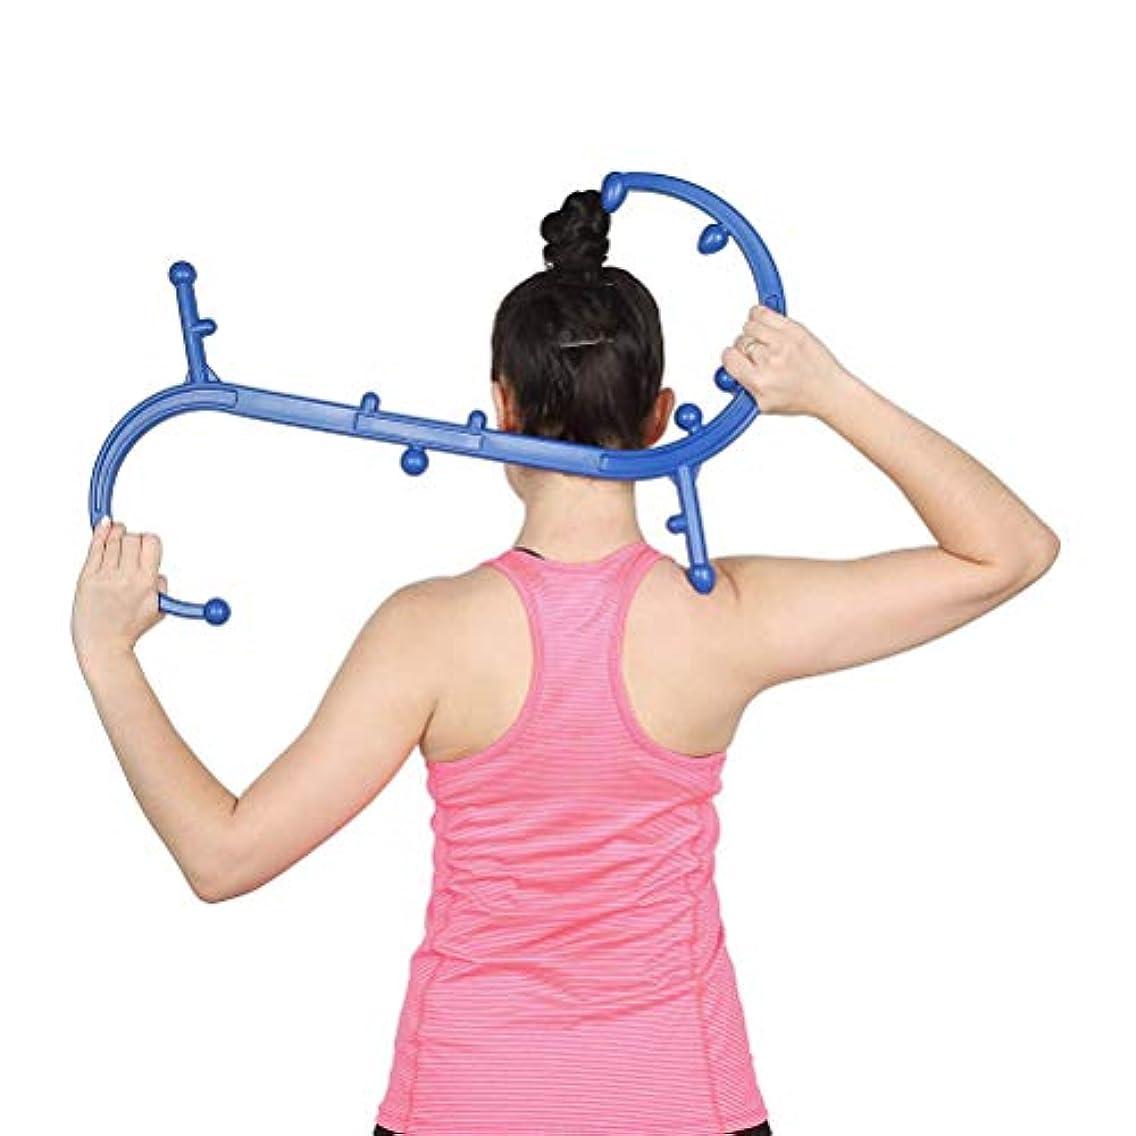 Quner 指圧代用器 ボディバックバディ ツボ押しグッズ ネックマッサージャー 肩こり解消 Trigger Point Therapy Self Massage (ブルー)